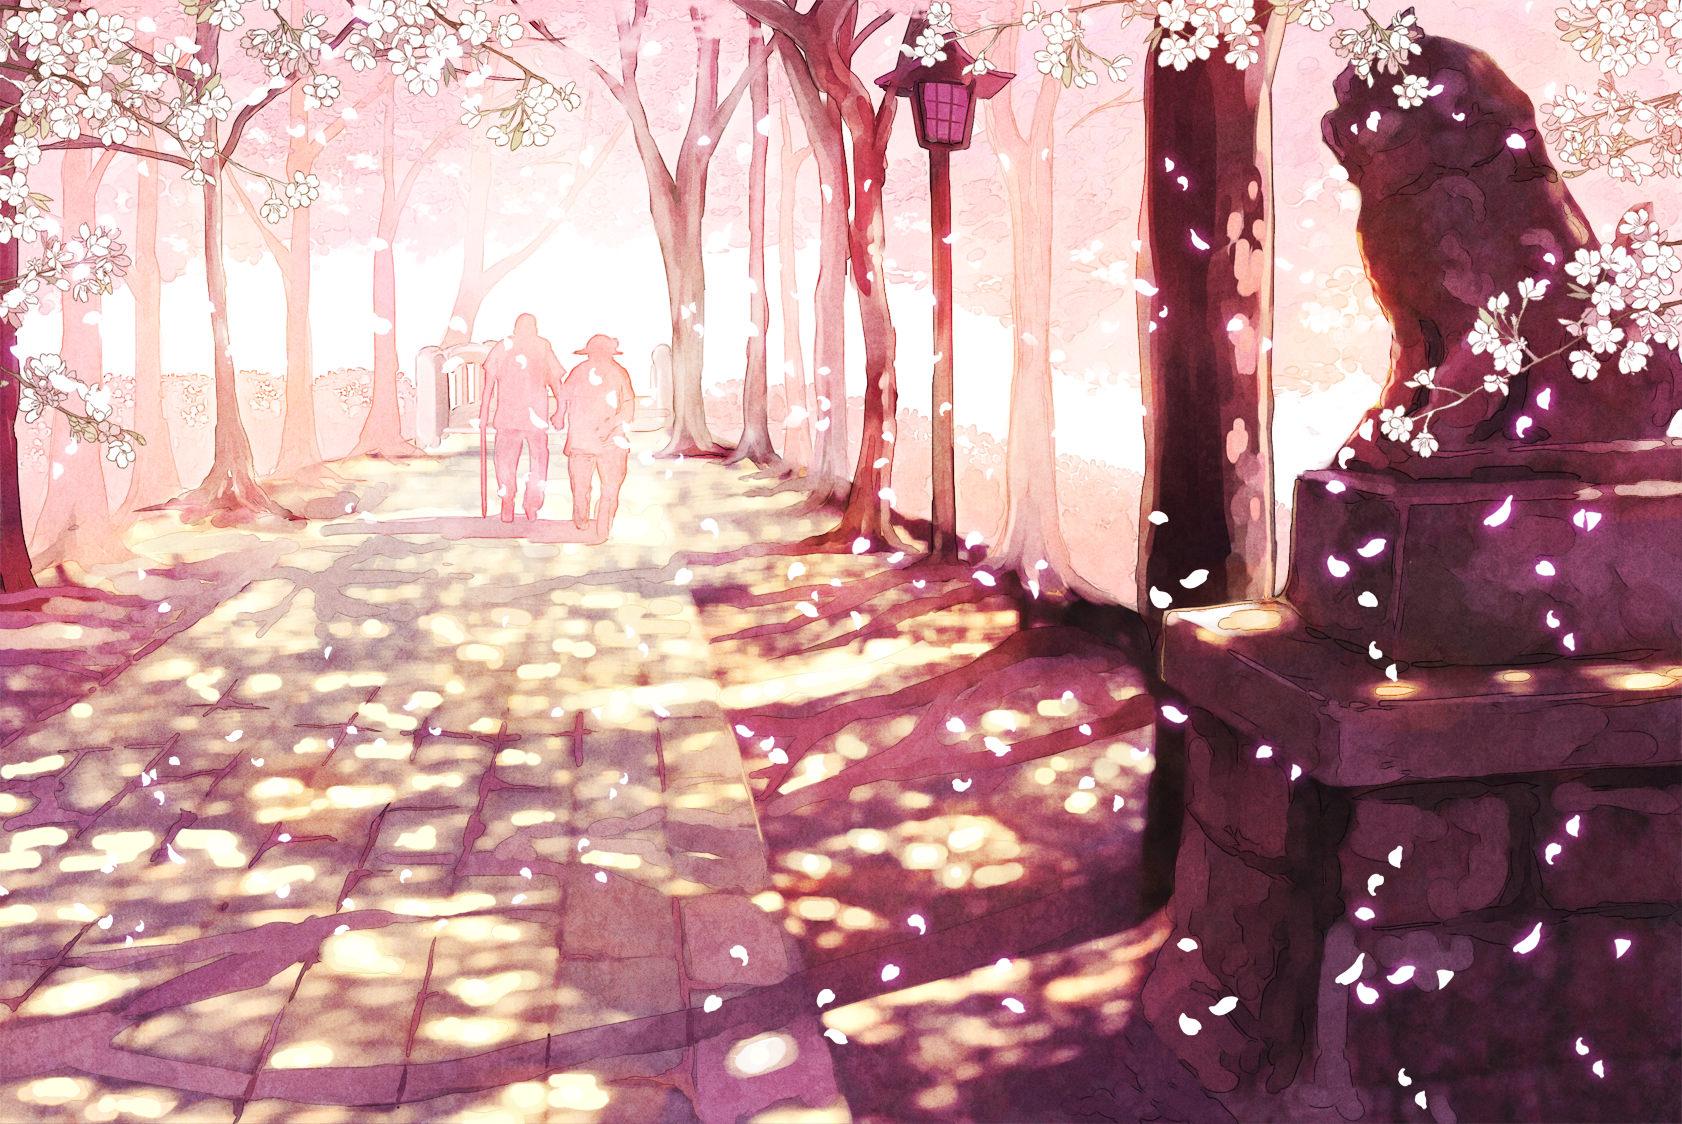 Ảnh hoa anh đào đẹp, thơ mộng trong anime